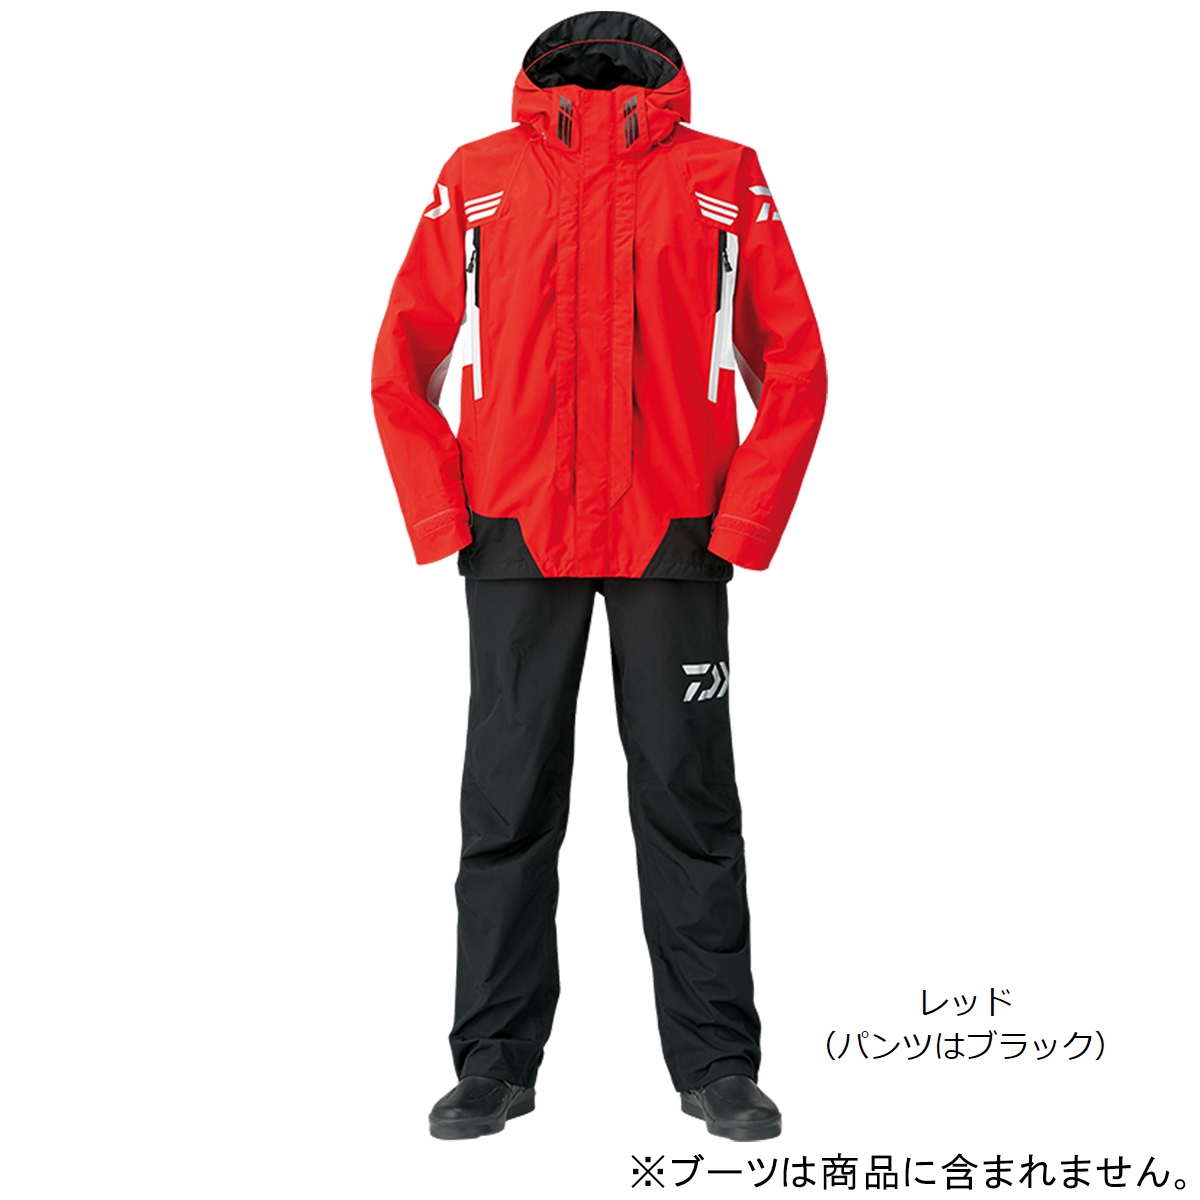 ダイワ レインマックス ハイパー コンビアップレインスーツ DR-3108 XL レッド(東日本店)